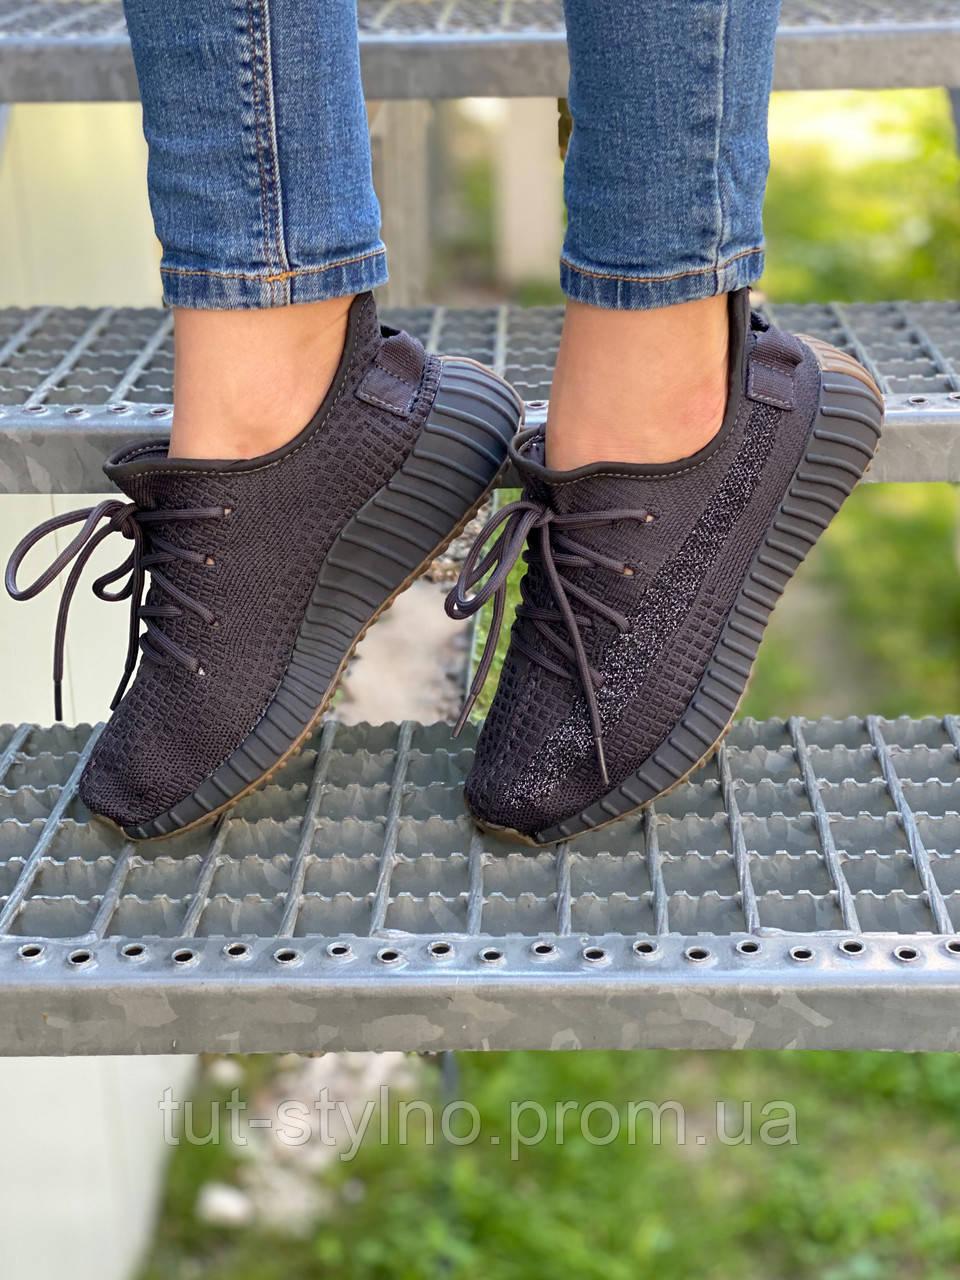 Adidas Yeezy Boost 350 Cinder (коричневые) (Reflect)